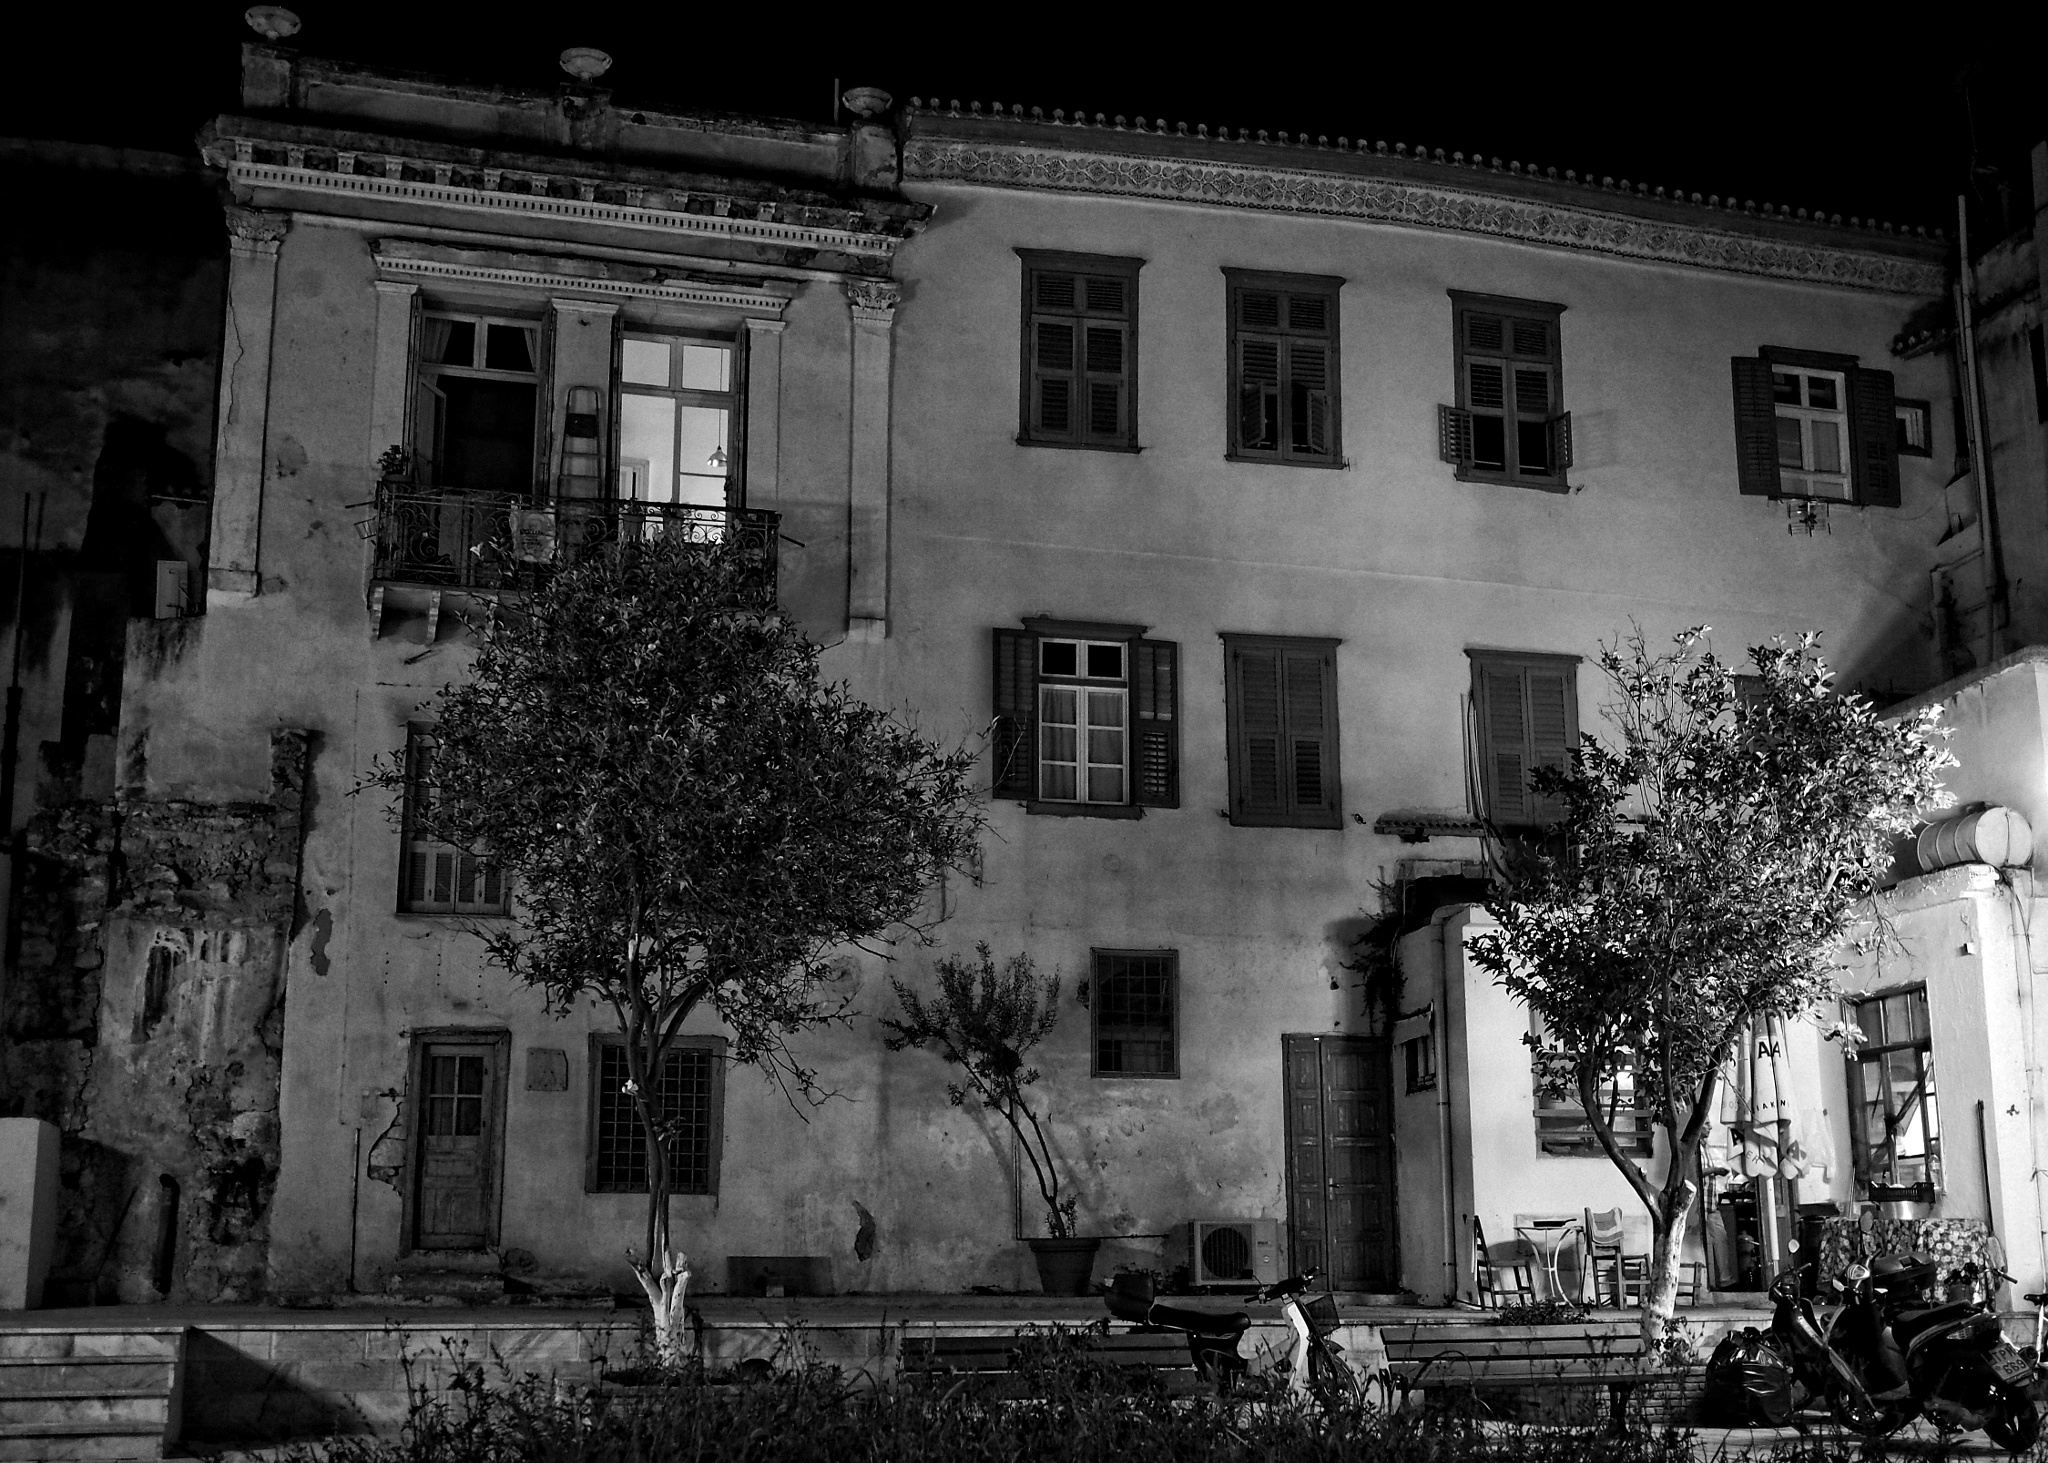 Quiet night in Napflion by Philip S.